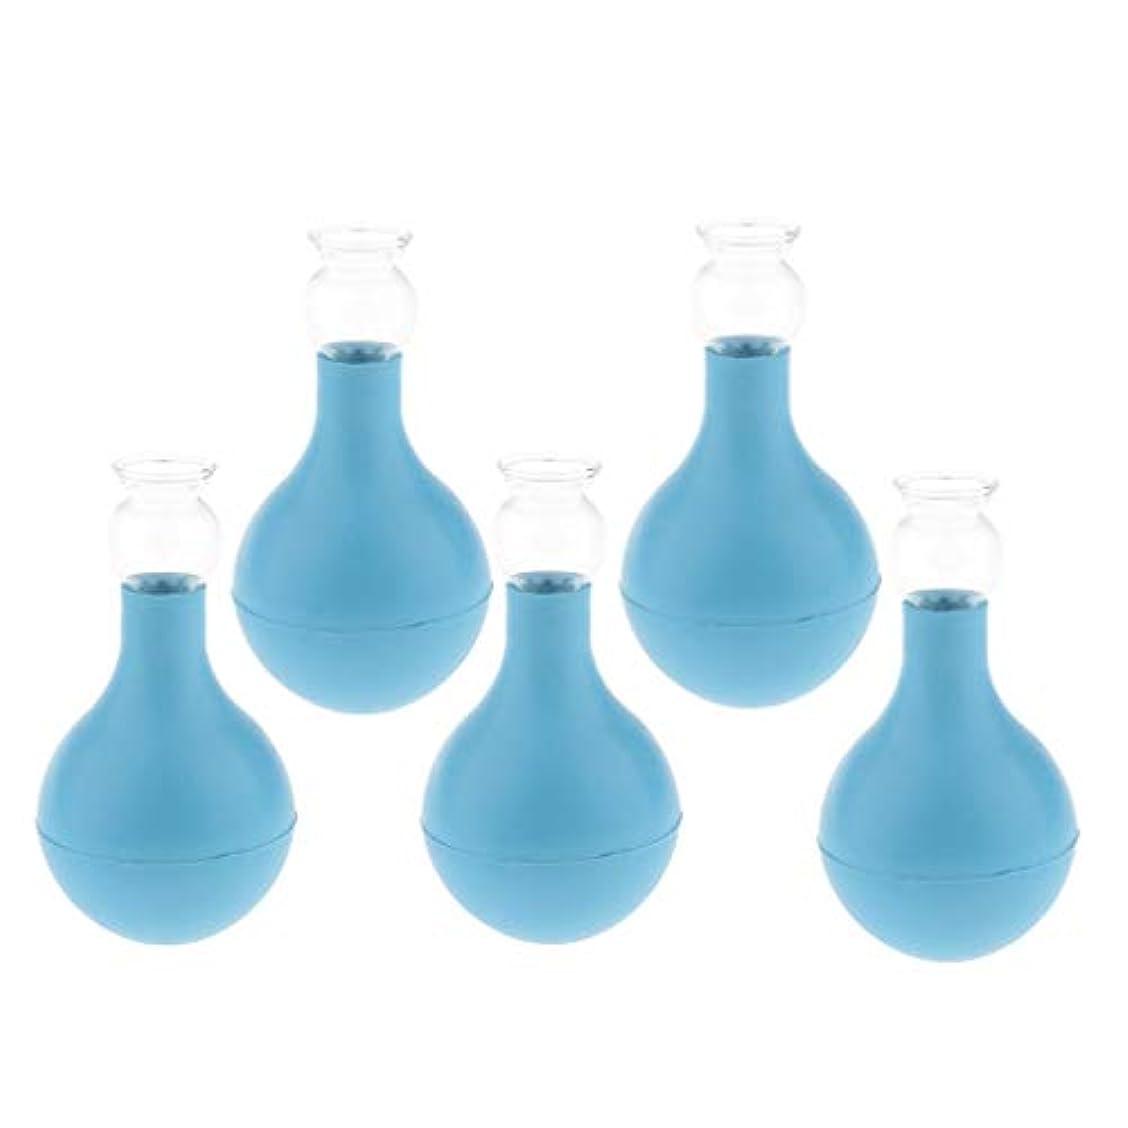 コール出撃者ライトニングマッサージ 吸い玉 カッピング 5個 シリコン ガラス 顔 首 背中 胸 脚 全身用 2サイズ選ぶ - ブルー+ブルー3cm, 3cm